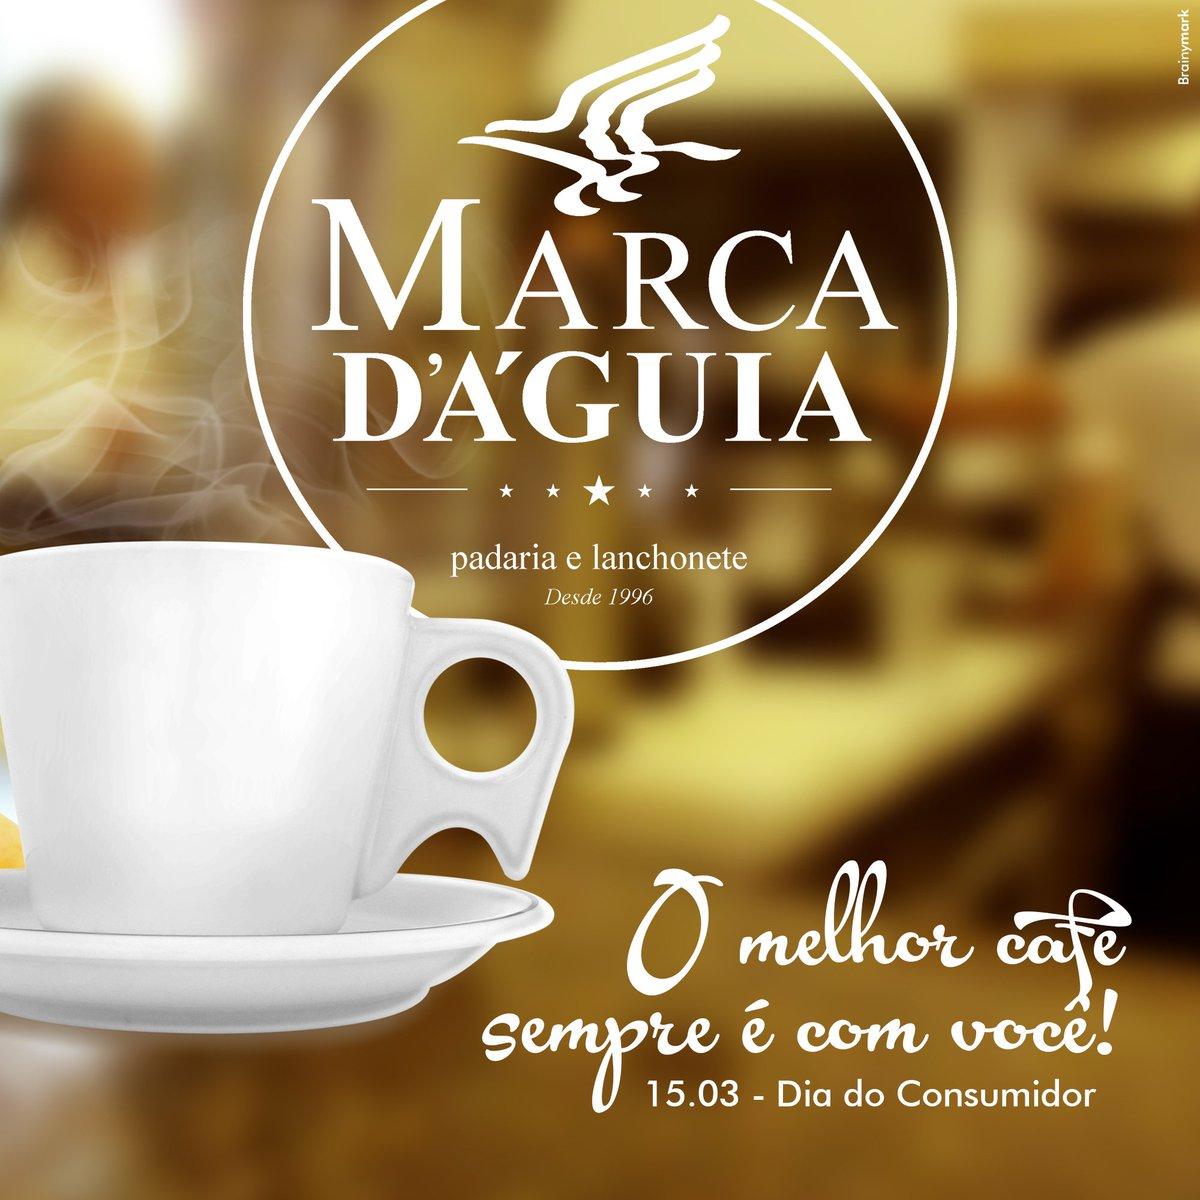 Marca D'Águia's photo on #DiaDoConsumidor